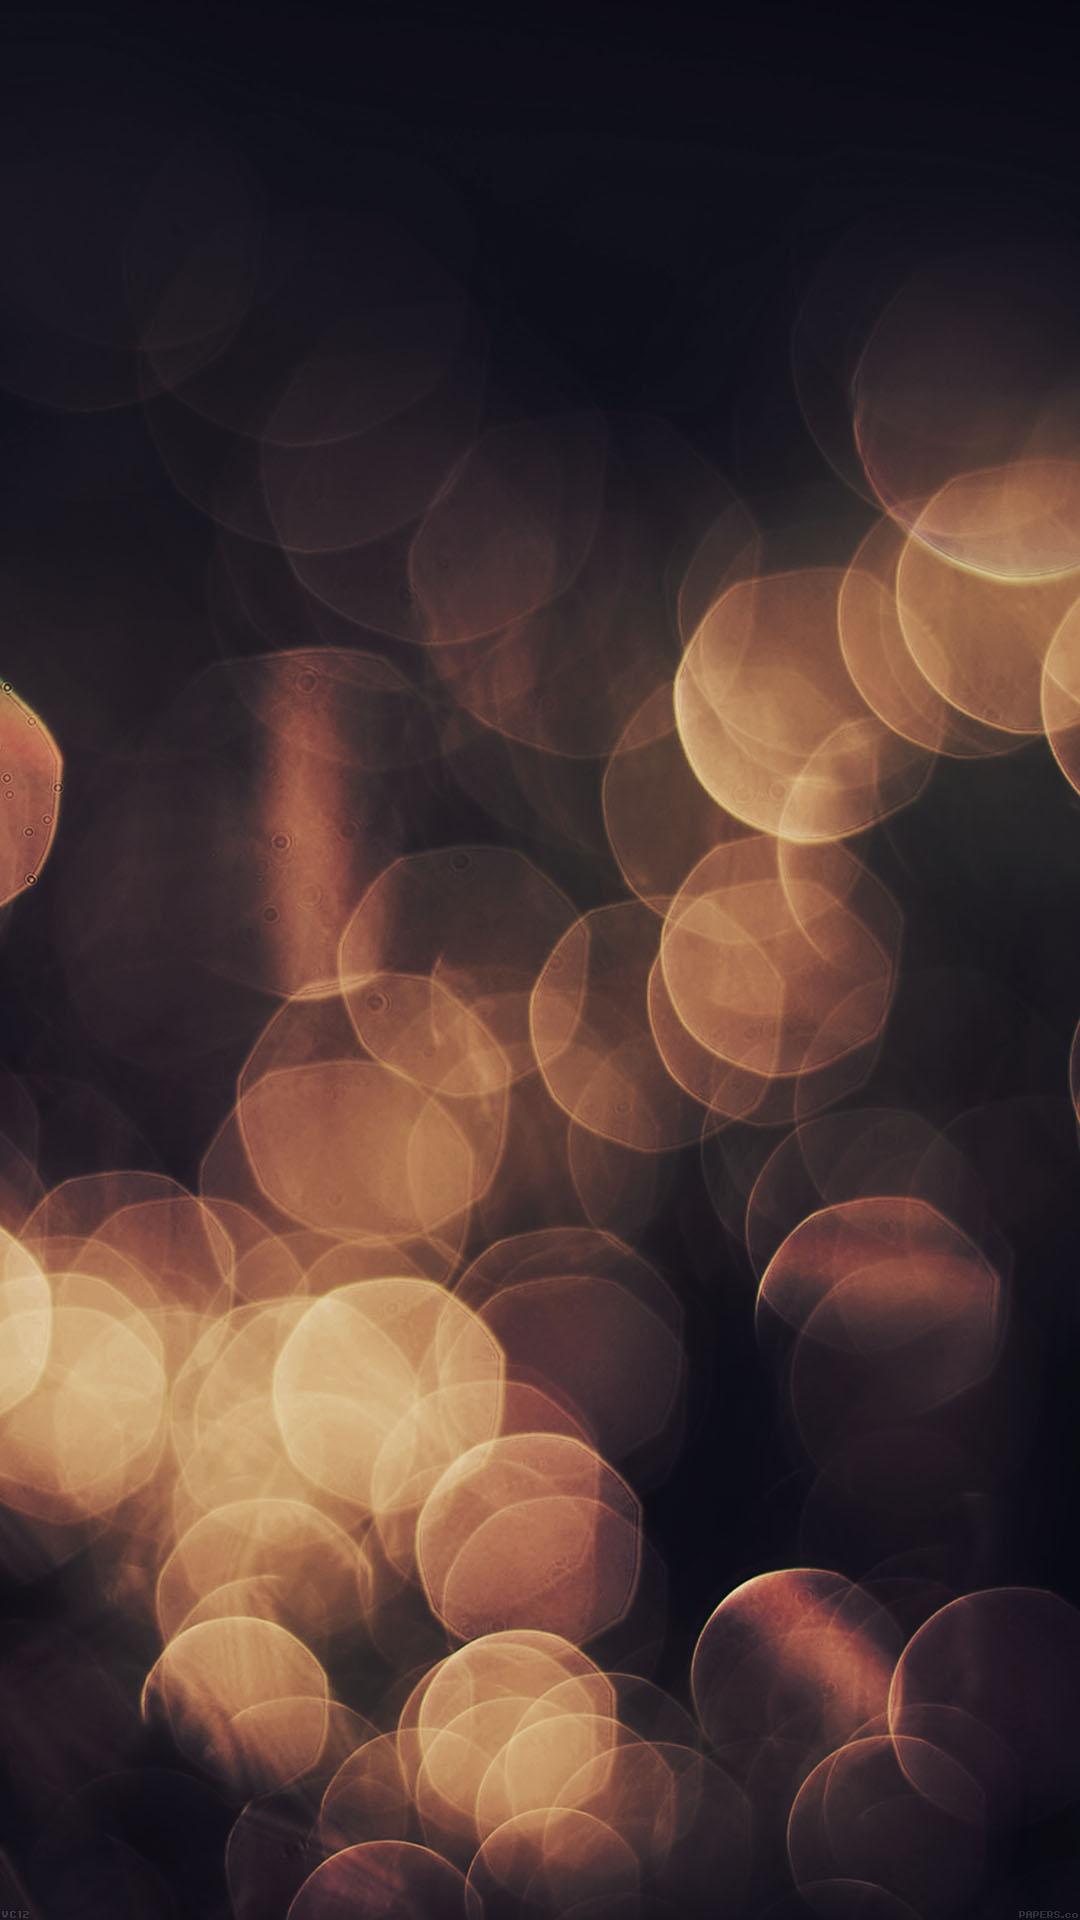 Gold Blur Iphone Wallpaper